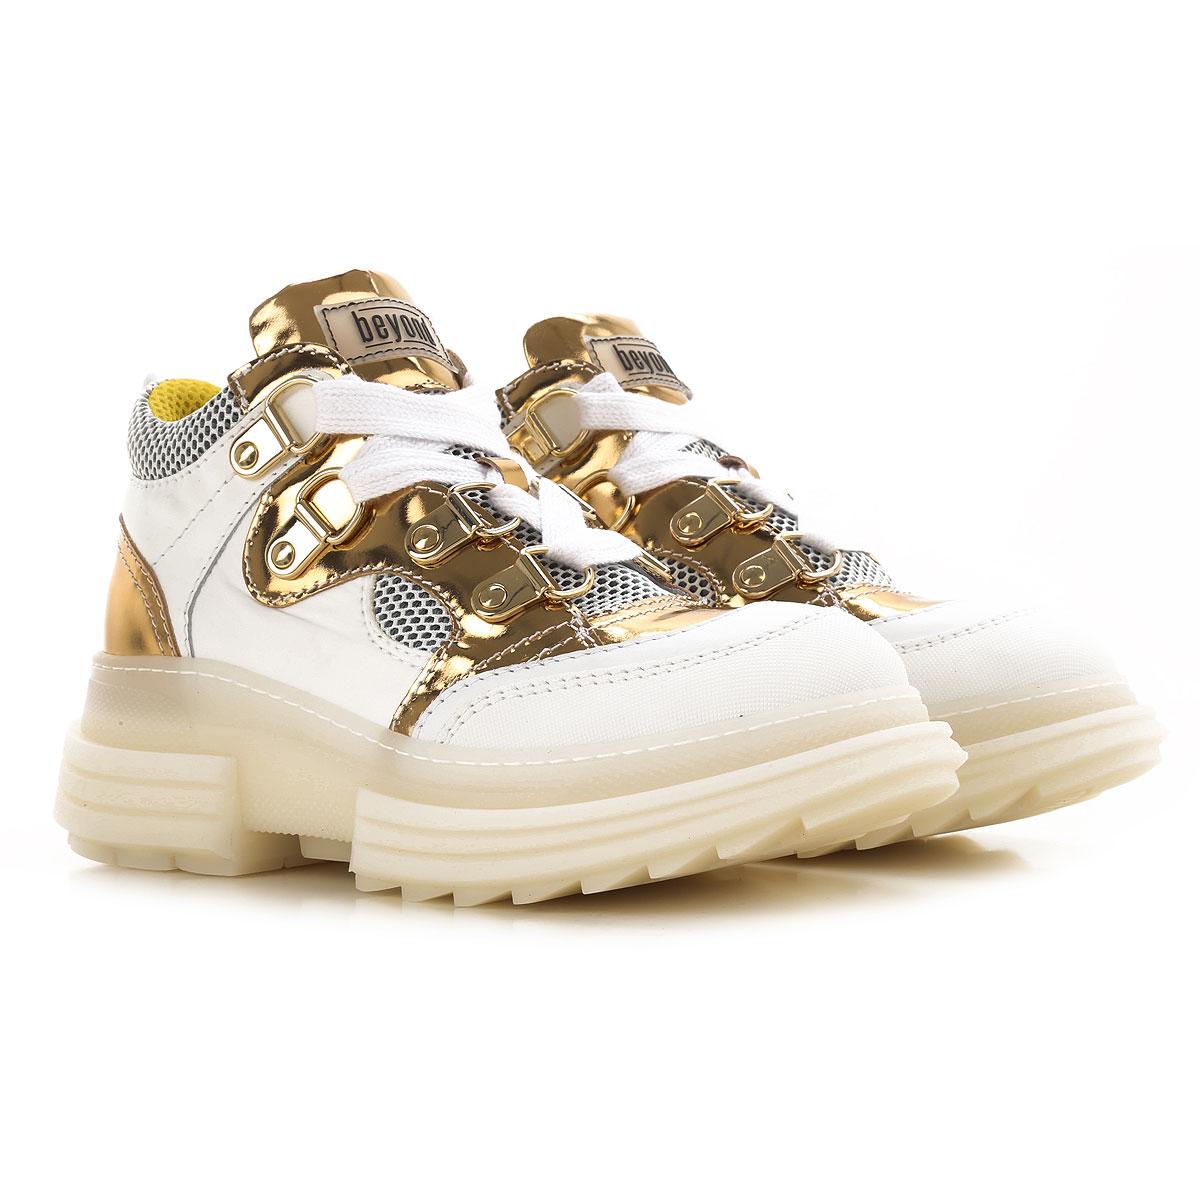 Beyond Sneaker Femme, Blanc, Cuir, 2019, 36 37 38 39 40